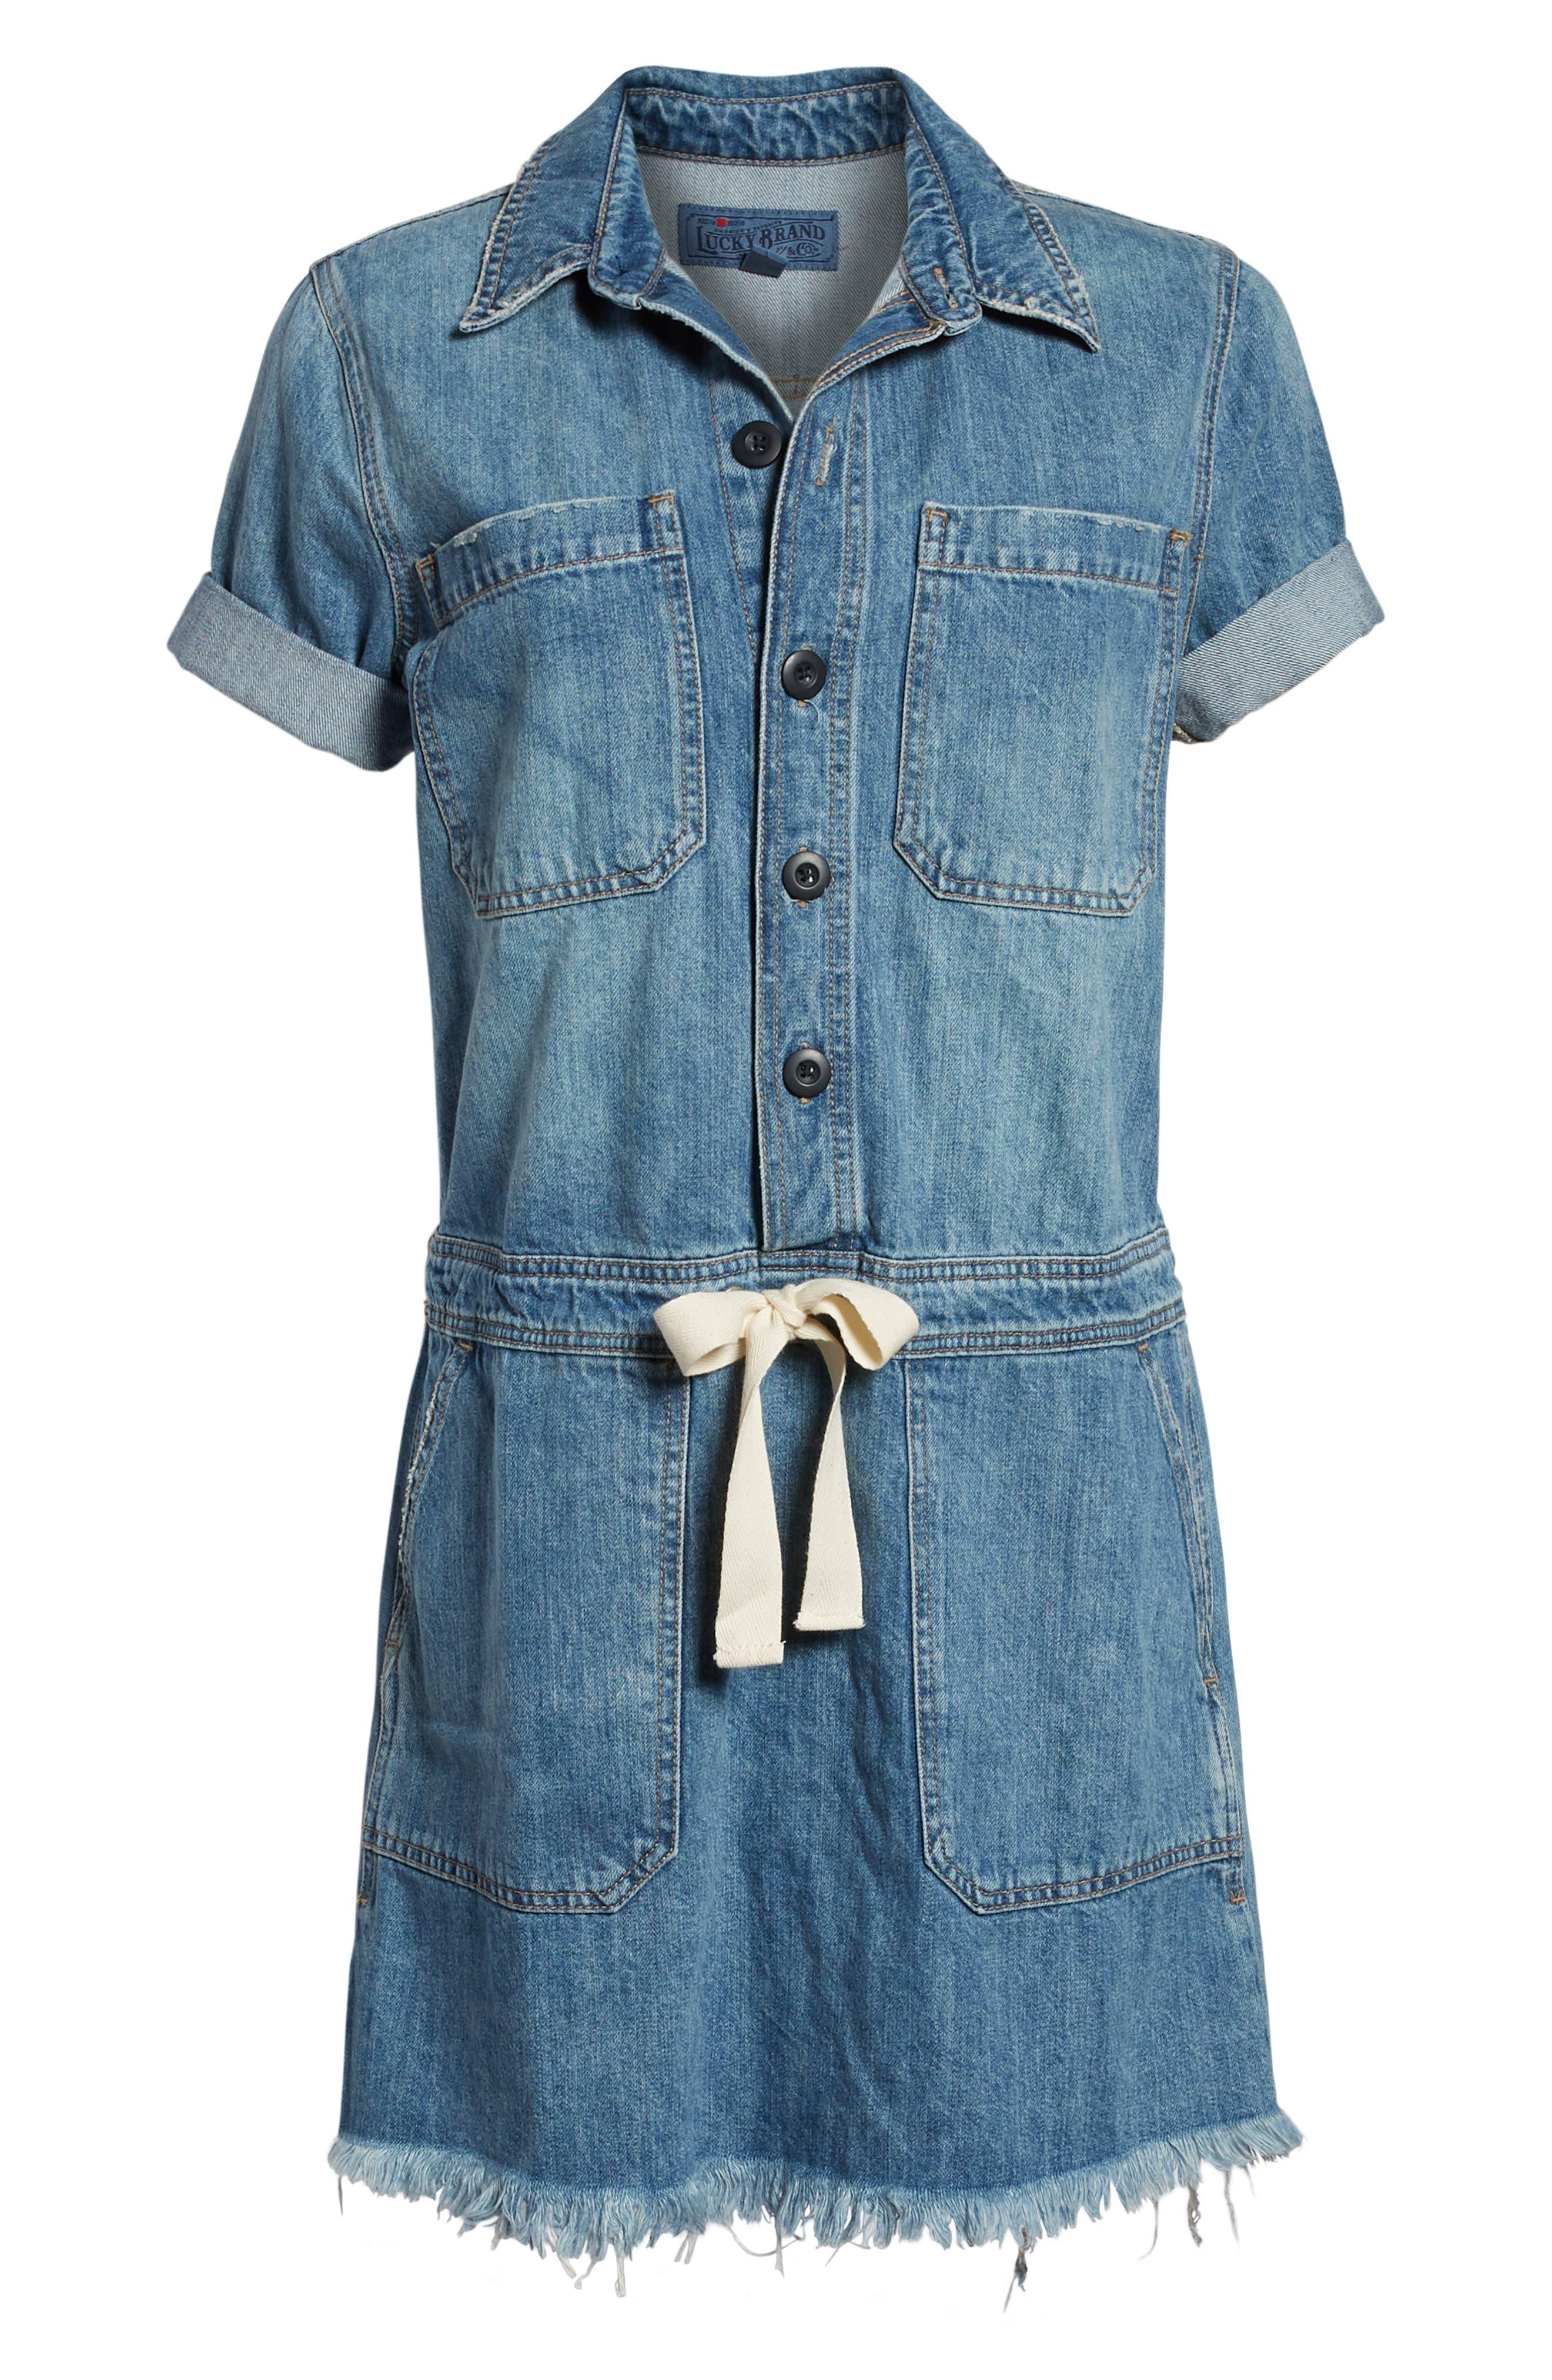 LUCKY BRAND,                             Drawstring Denim Dress,                             Alternate thumbnail 6, color,                             430